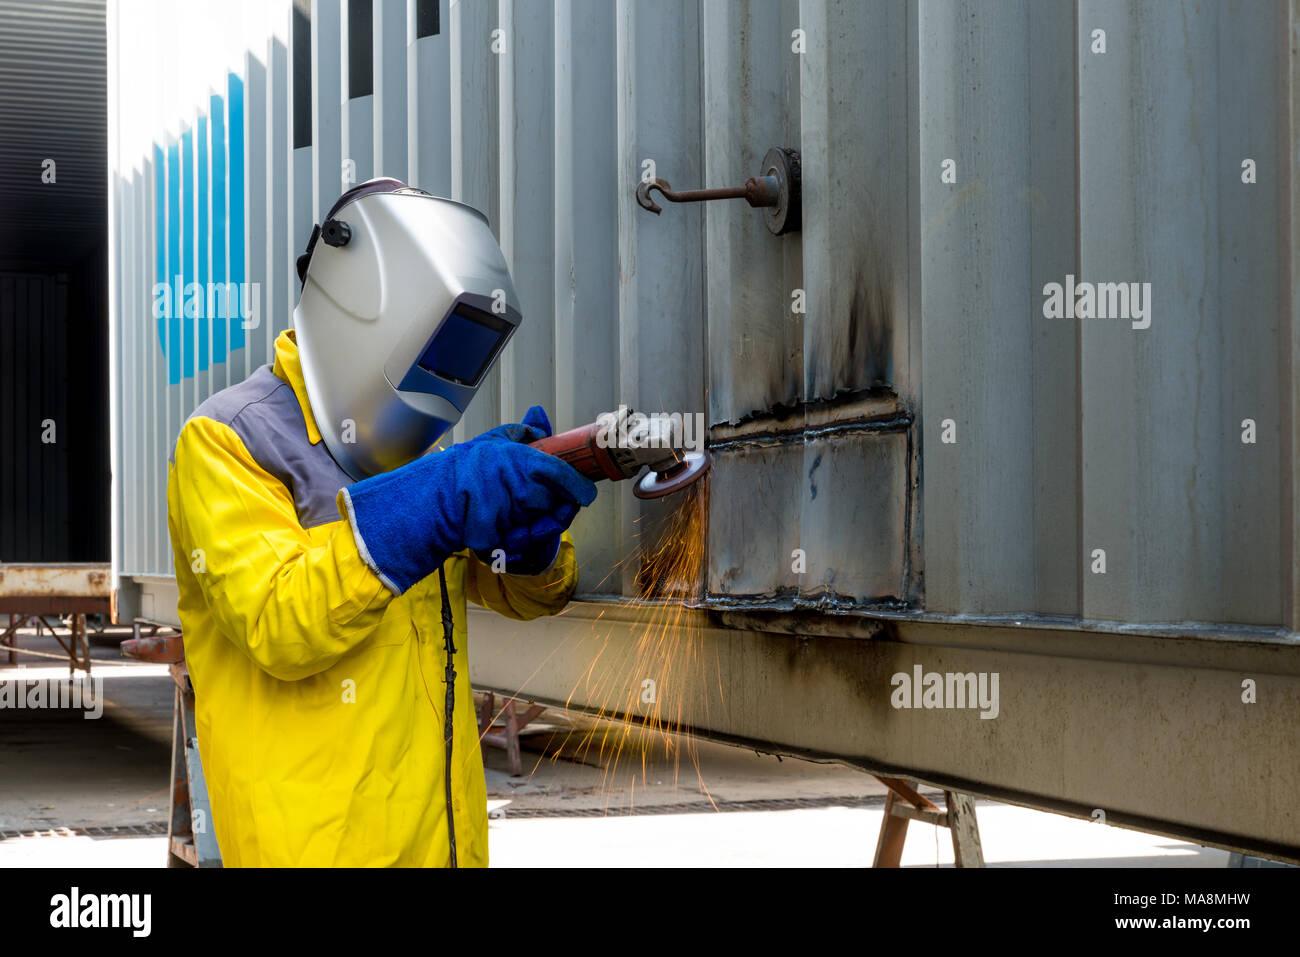 Lavoratore del settore con la molatura di metallo per la riparazione di strutture di contenitore fabbricazione workshop. Lavoratore di macinazione in industria di fabbrica. Immagini Stock